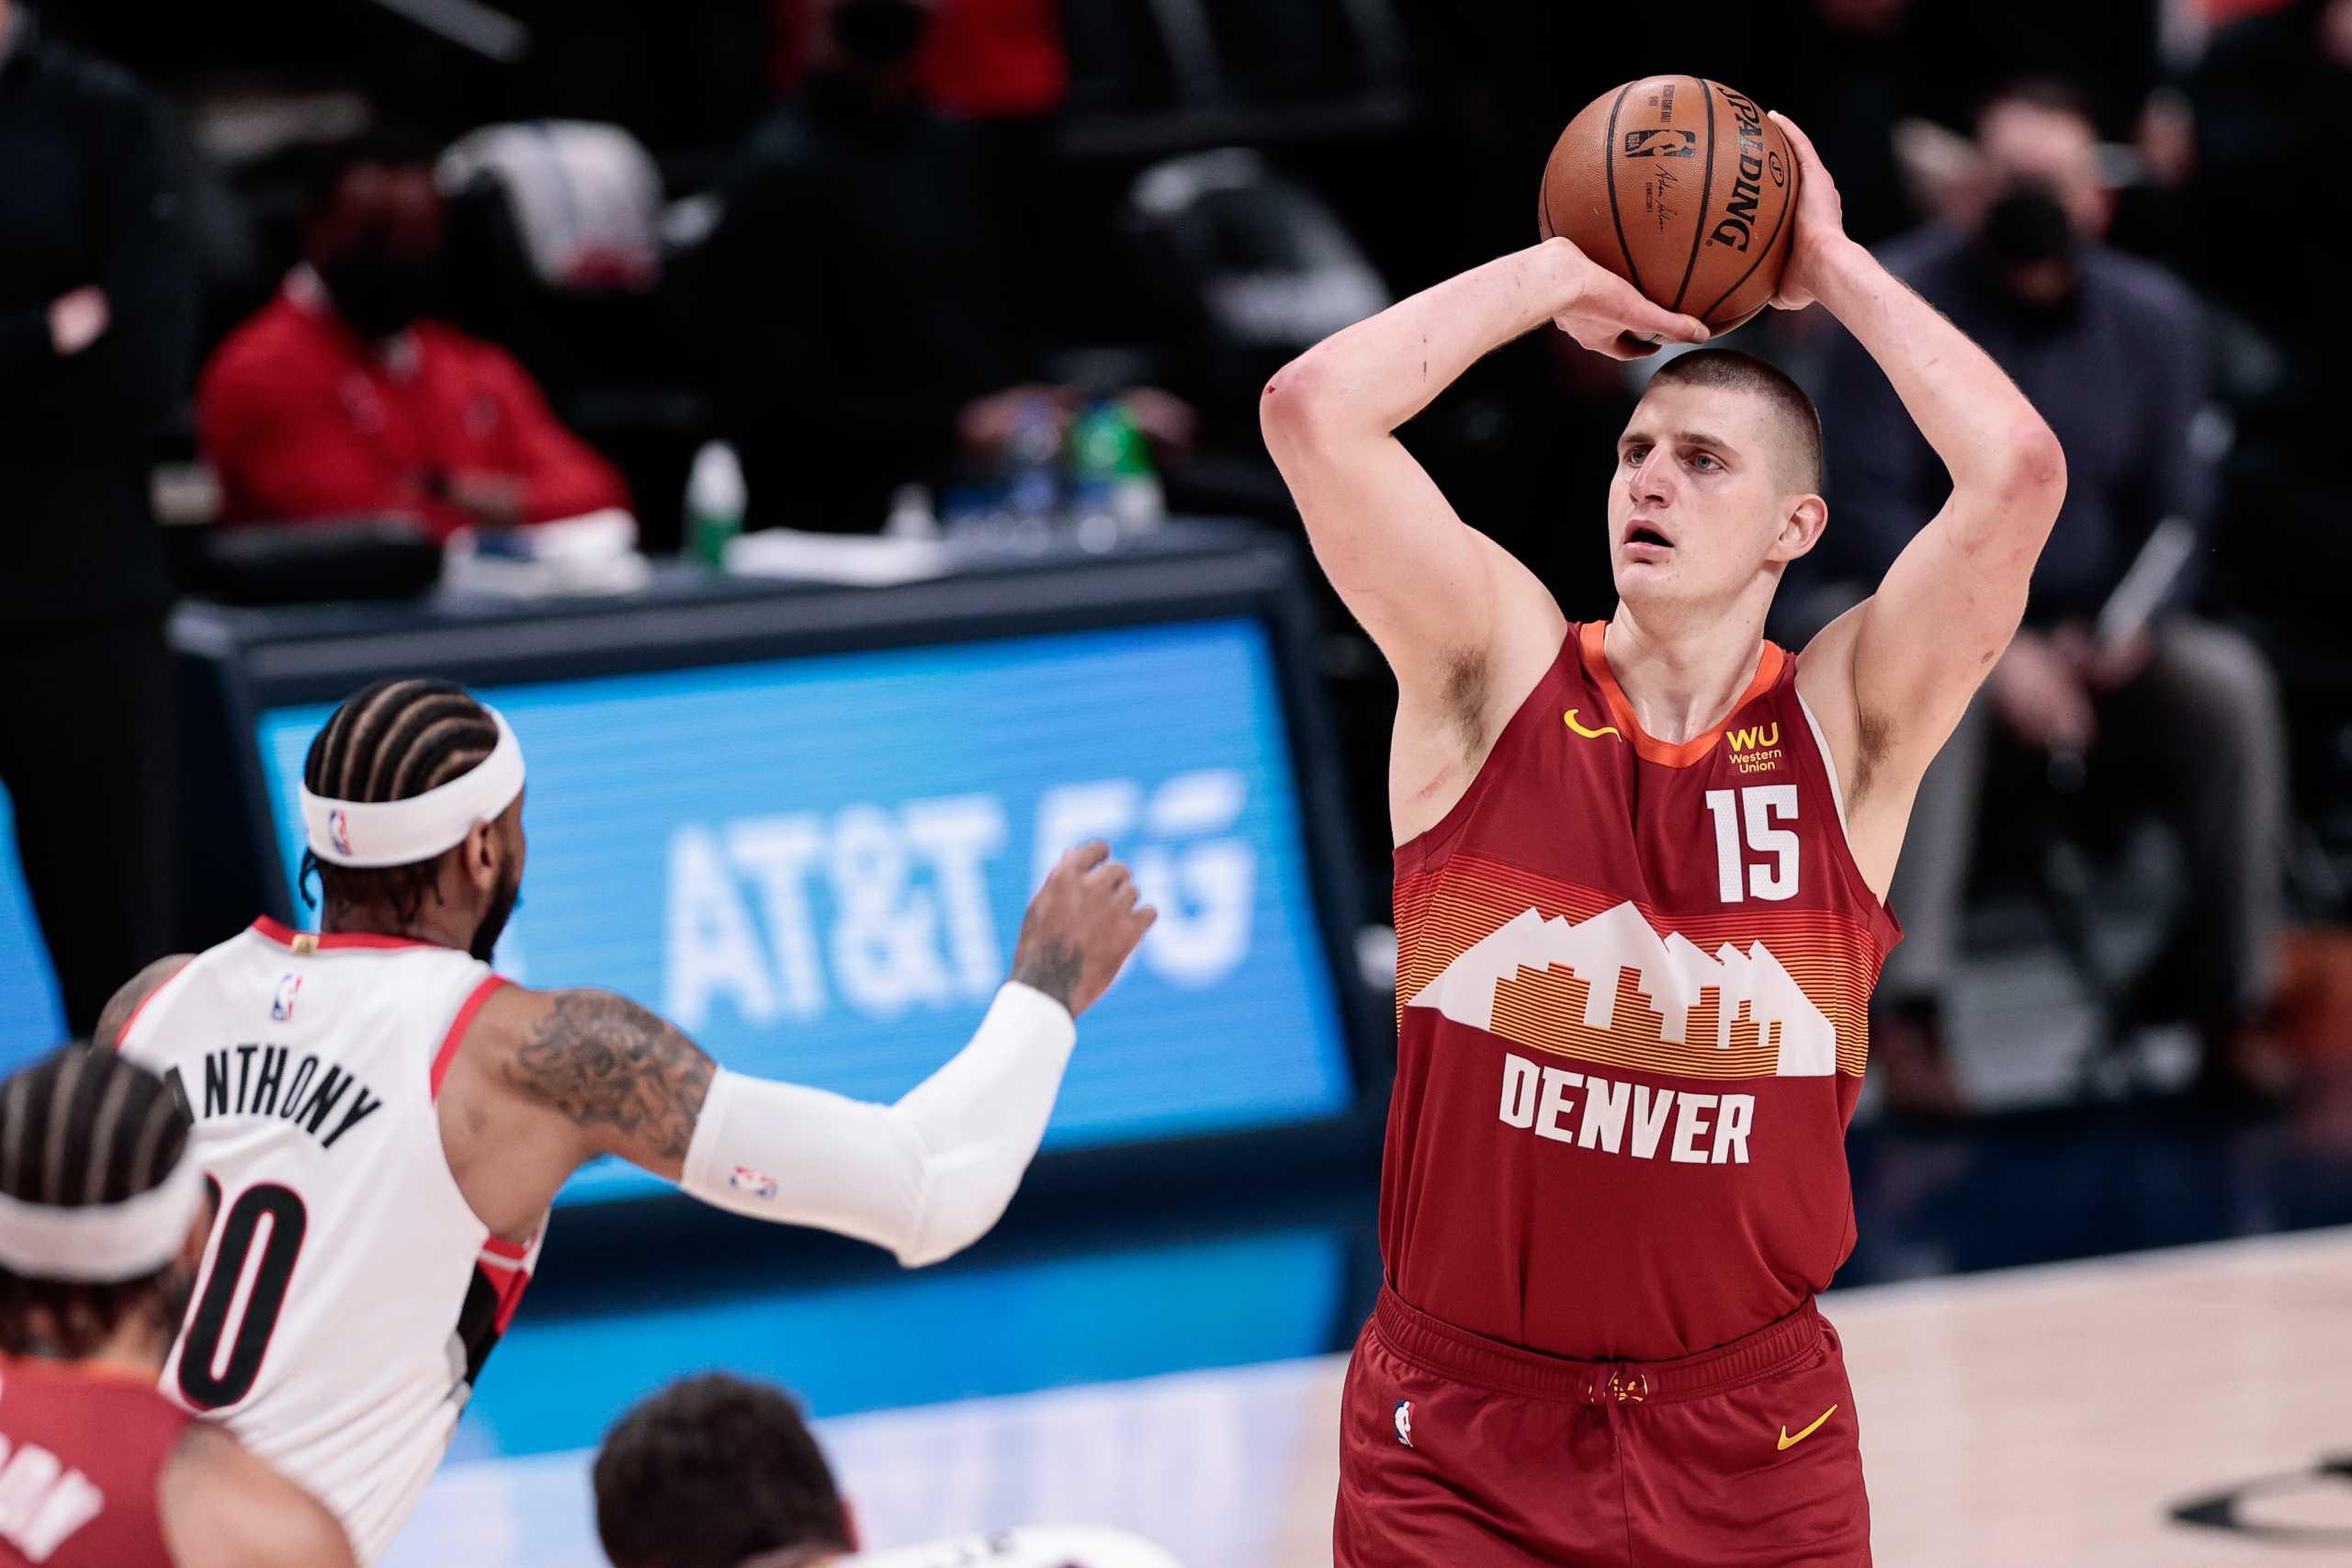 Νέος MVP στο NBA ο Γιόκιτς – Ψήφισαν και τον Αντετοκούνμπο